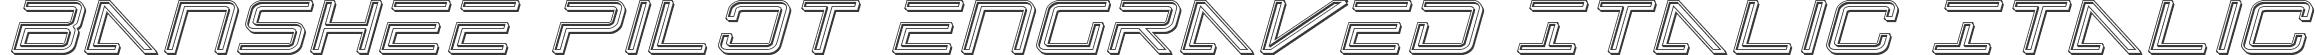 Banshee Pilot Engraved Italic Italic